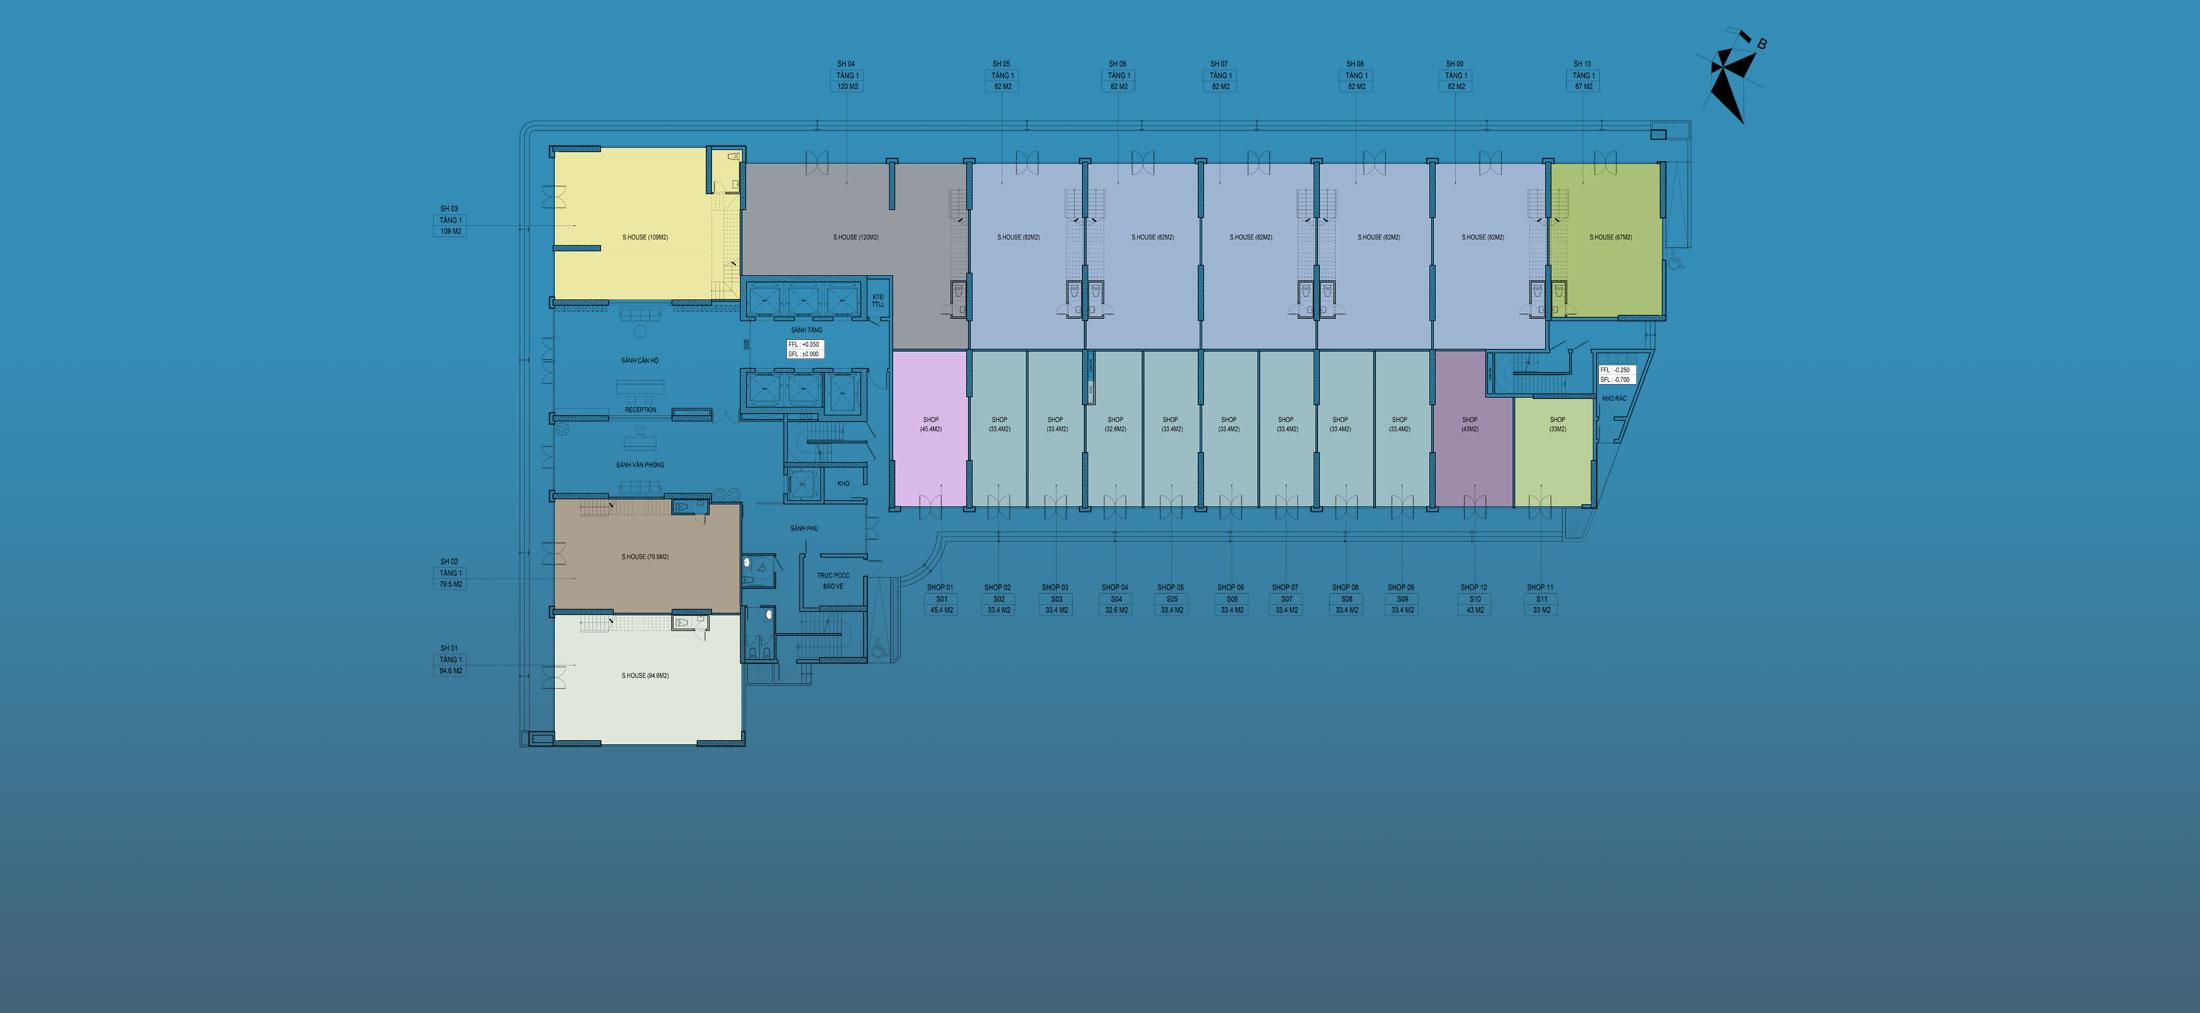 Mặt bằng tầng điển hình (tầng 1) dự án căn hộ Apec Aqua Park Bắc Giang